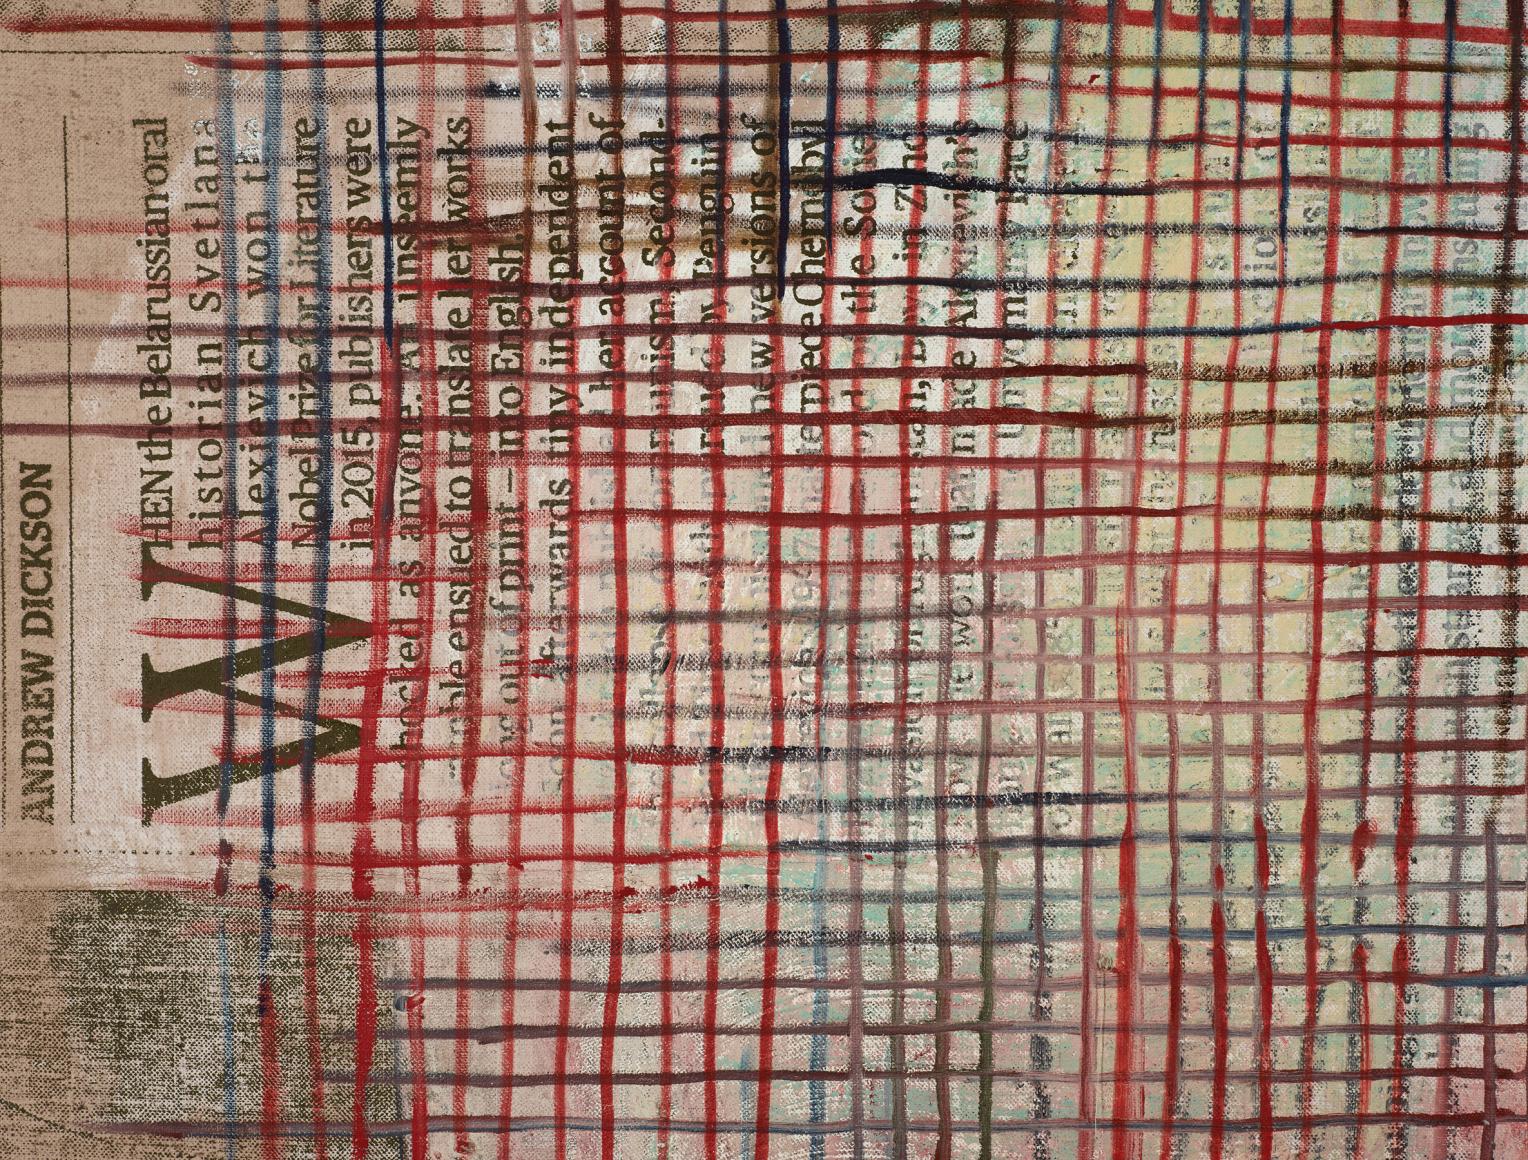 MANDY EL-SAYEGH, Net-Grid (new wave), 2019 (detail)